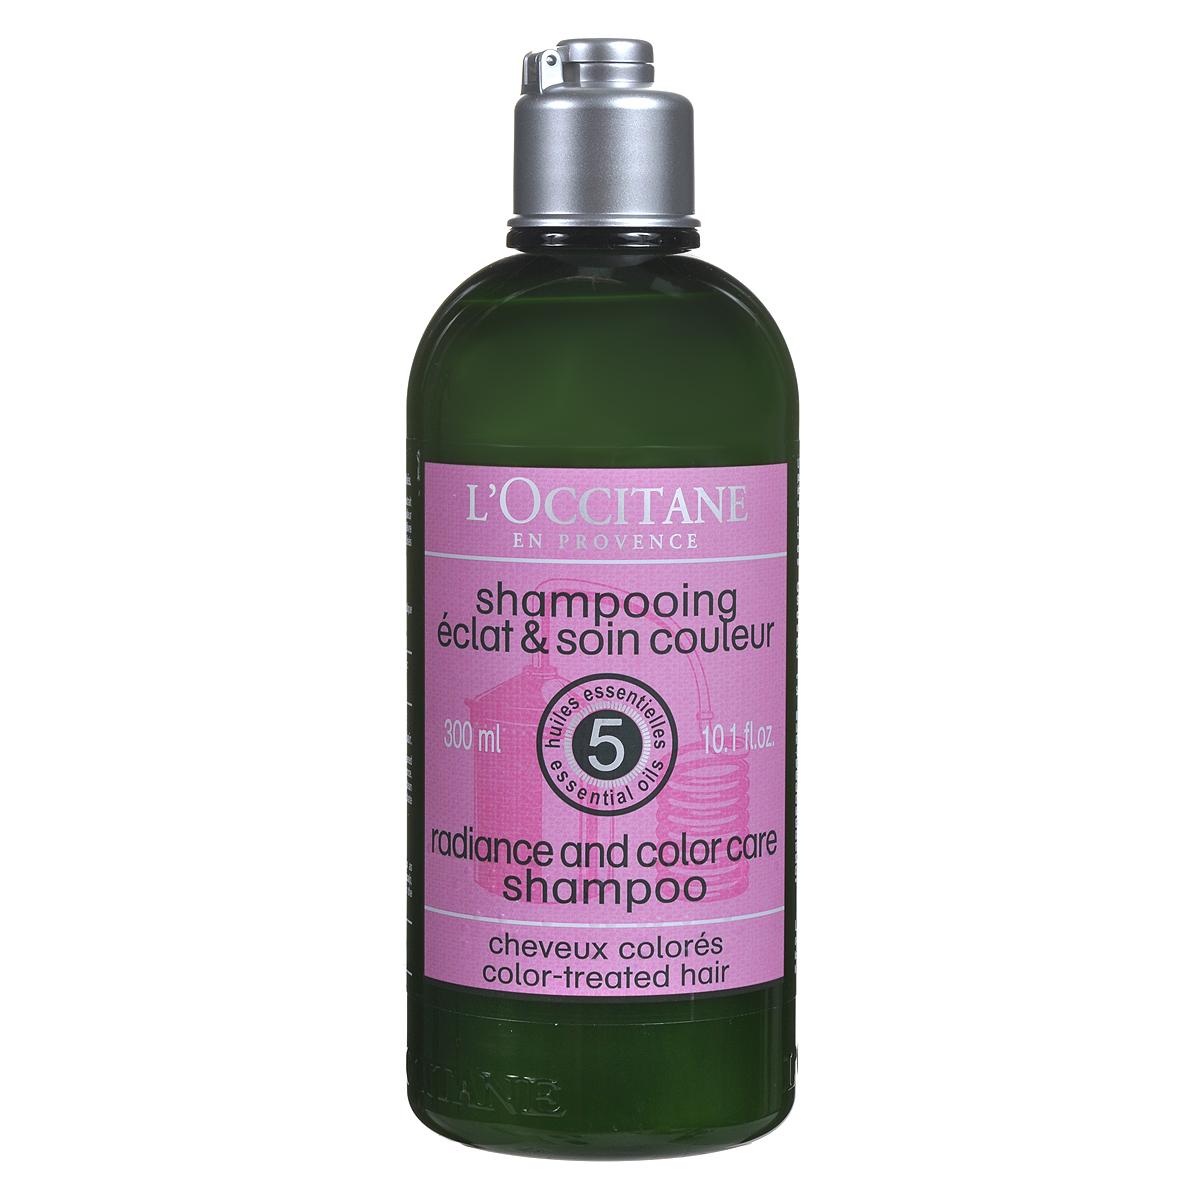 Шампунь LOccitane для окрашенных волос, 300 млMP59.4DВ составе шампуня формула на основе комплекса из 5 эфирных масел (герань, пальмароза, бергамот, розмарин и кедр) бережно очищает волосы, восстанавливает и укрепляет внутреннюю структуру и внешнюю поверхность волос, значительно сокращая их ломкость и предотвращая истончение. Экстракт виноградных косточек наполняет волосы зеркальным блеском и защищает стойкость и насыщенность цвета, удерживая красящие пигменты в структуре волос. УФ-фильтры препятствуют выцветанию и потускнению цвета. Не содержит парабенов и сульфатов. Шампунь окутает ваши волосы легким и нежным ароматом трав.Товар сертифицирован.